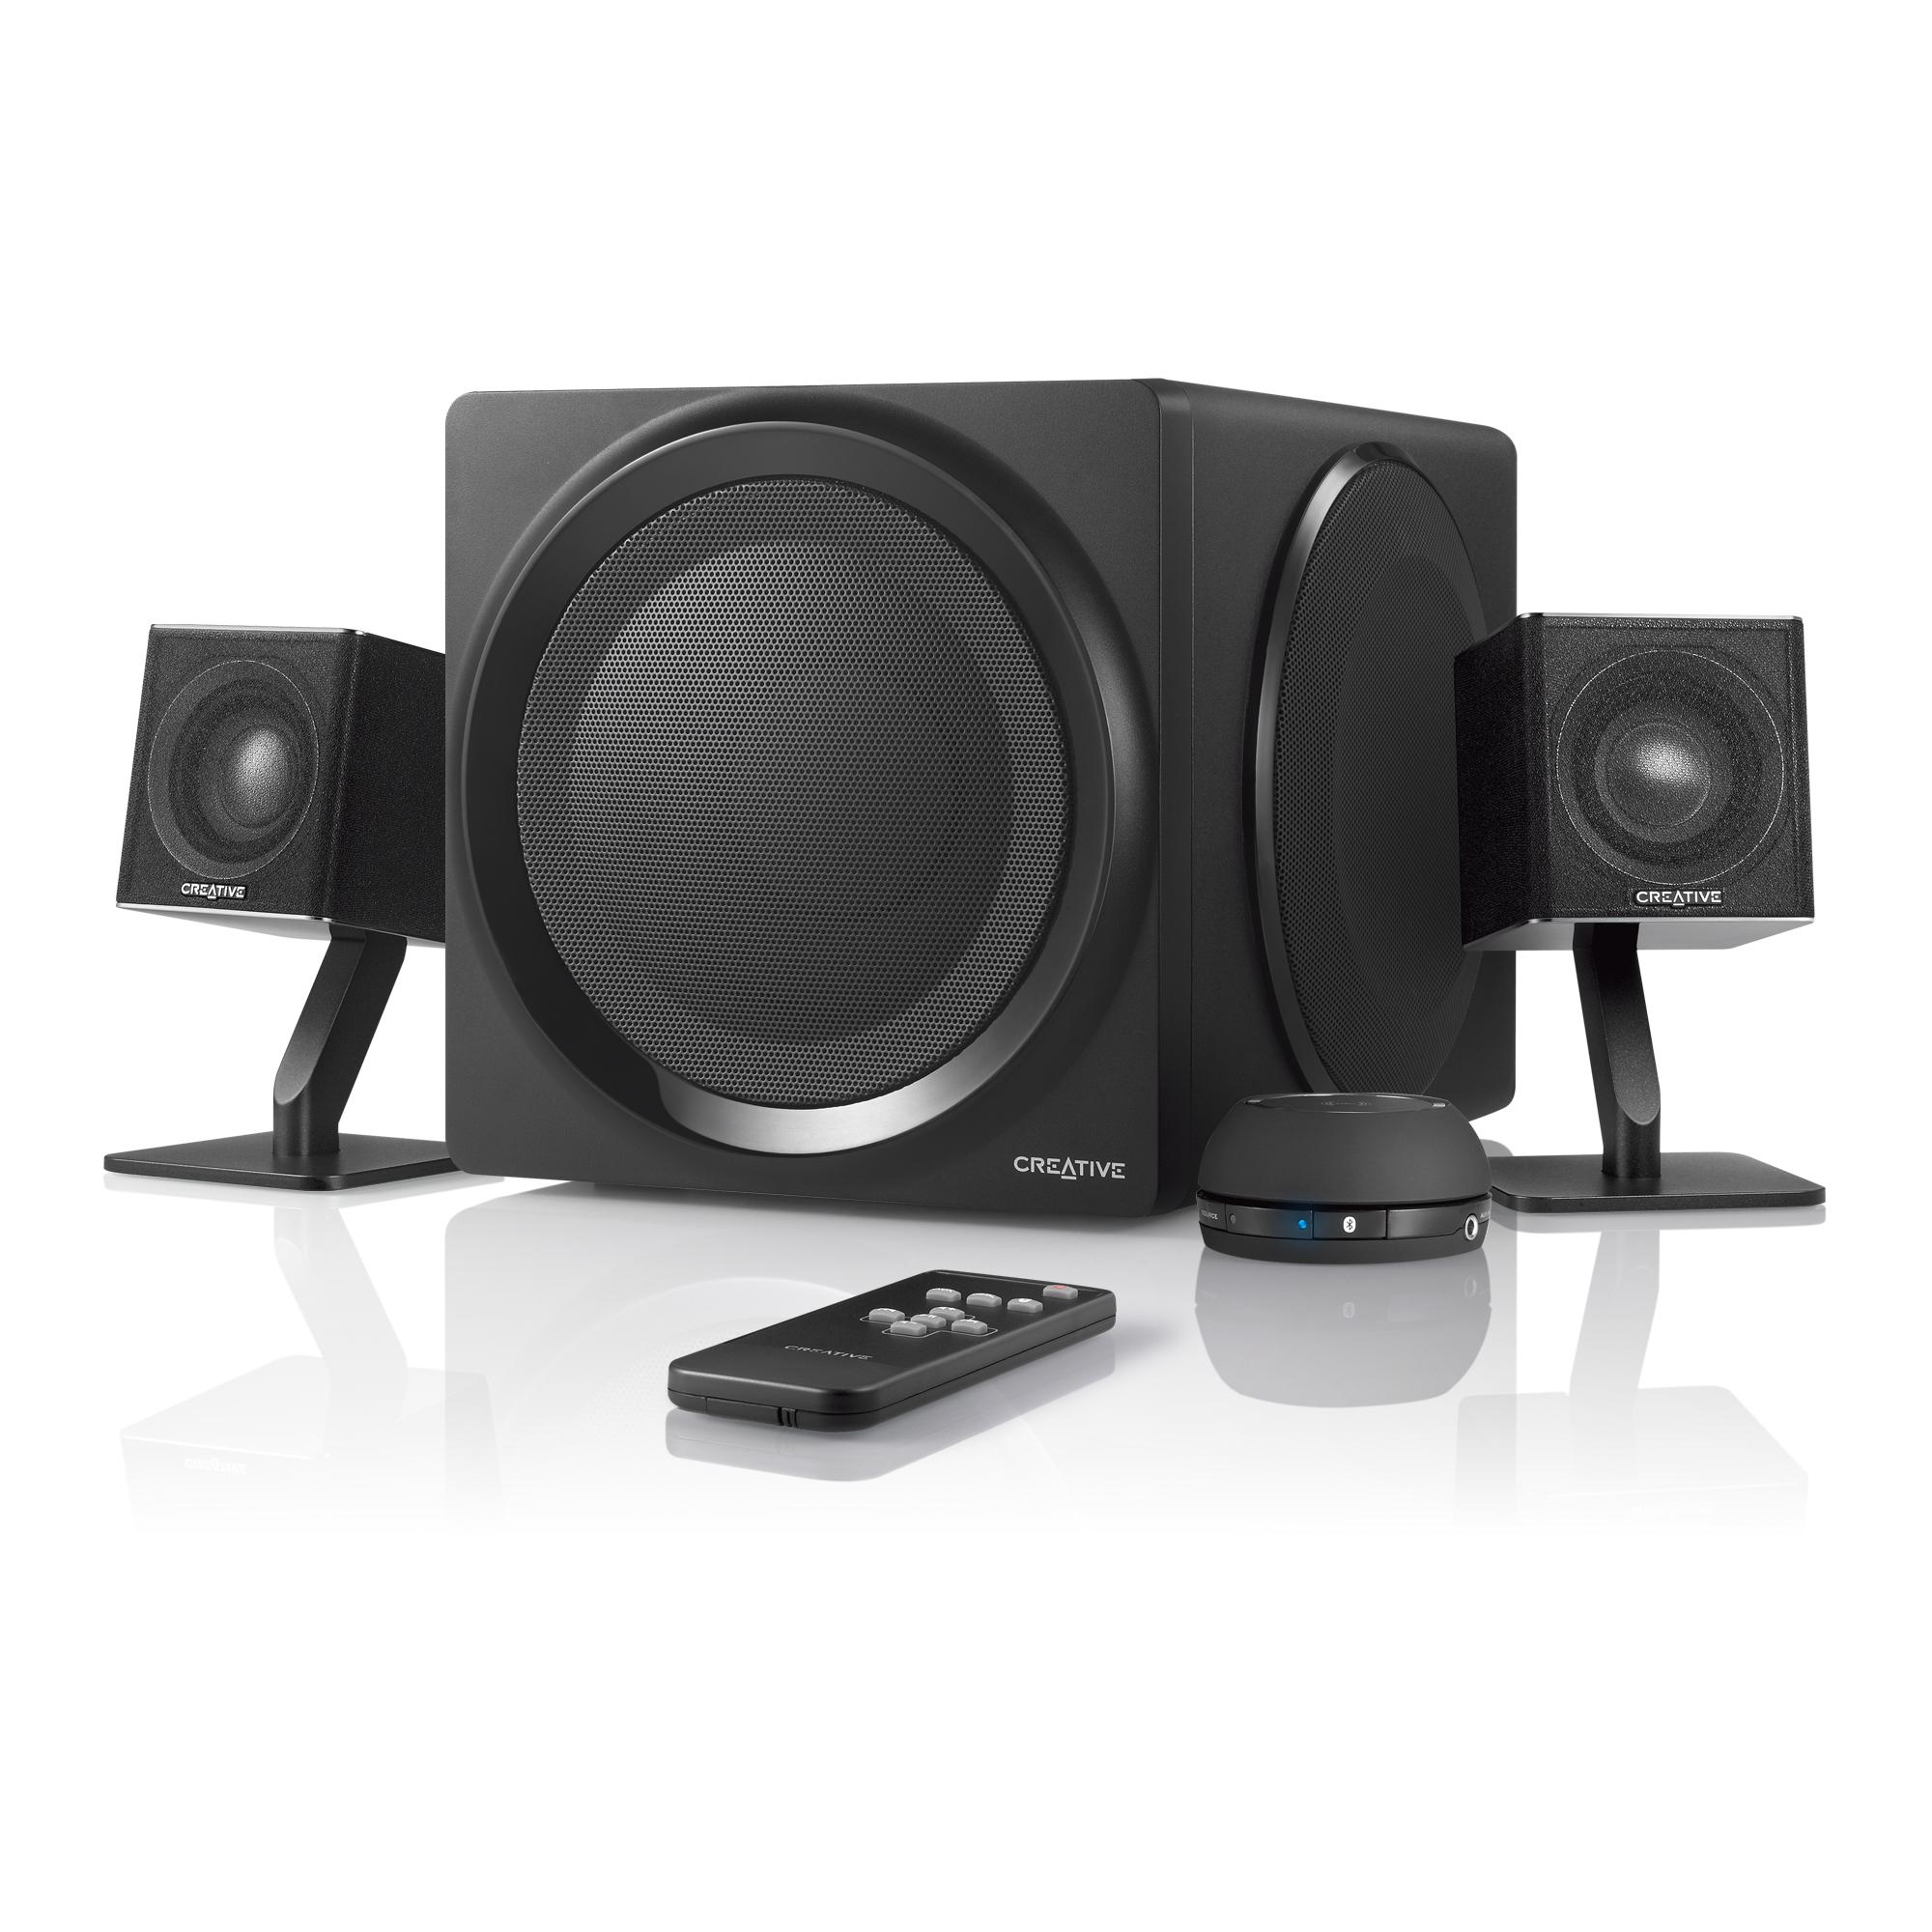 Creative Labs T4 Wireless 2.1channels Black speaker set